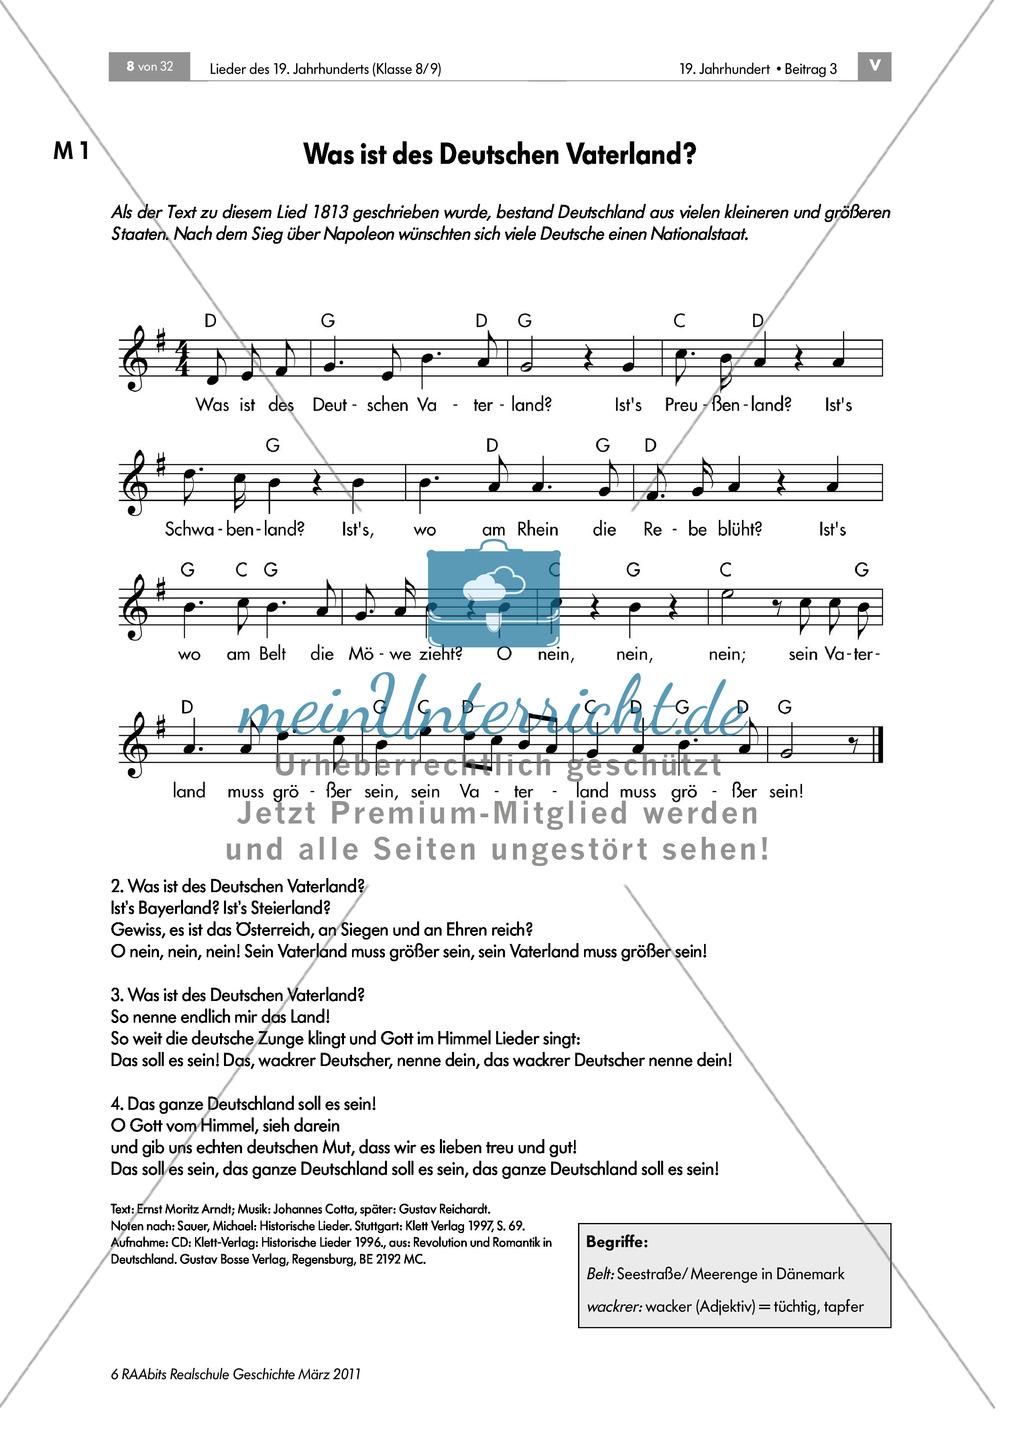 Lieder des 19. Jahrhunderts: Ein Kampflied zu den Befreiungskriegen: